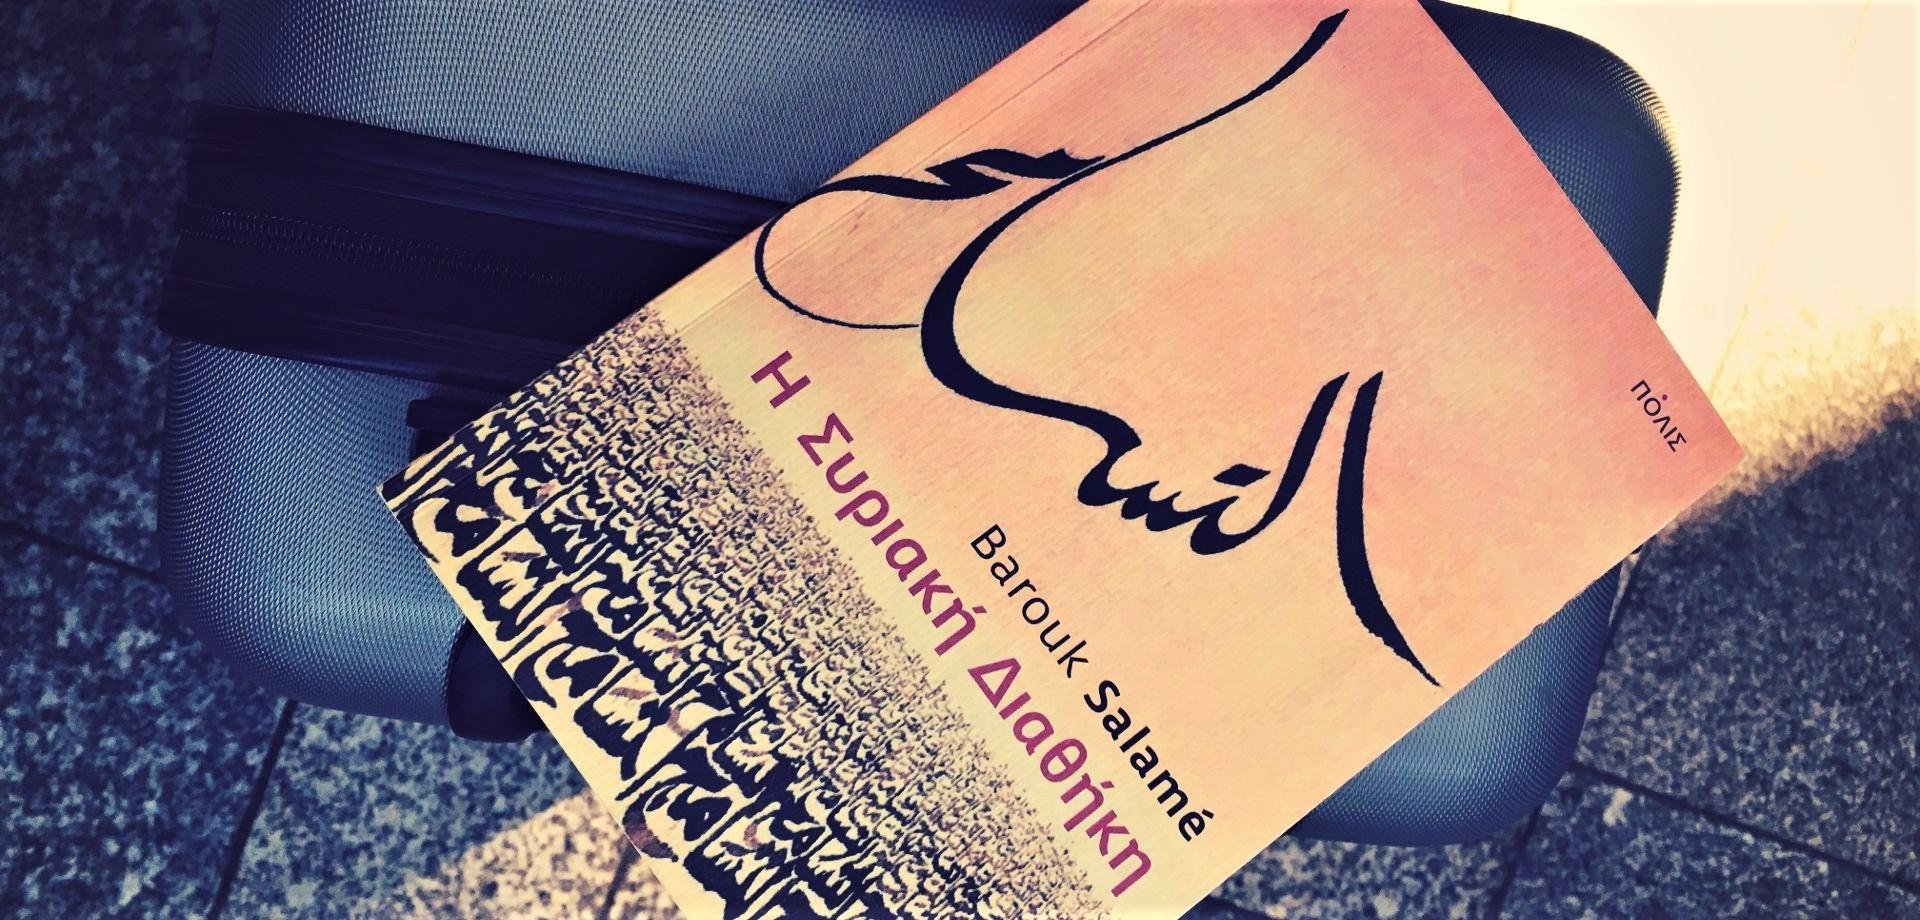 «Η Συριακή Διαθήκη» του Barouk Salamé